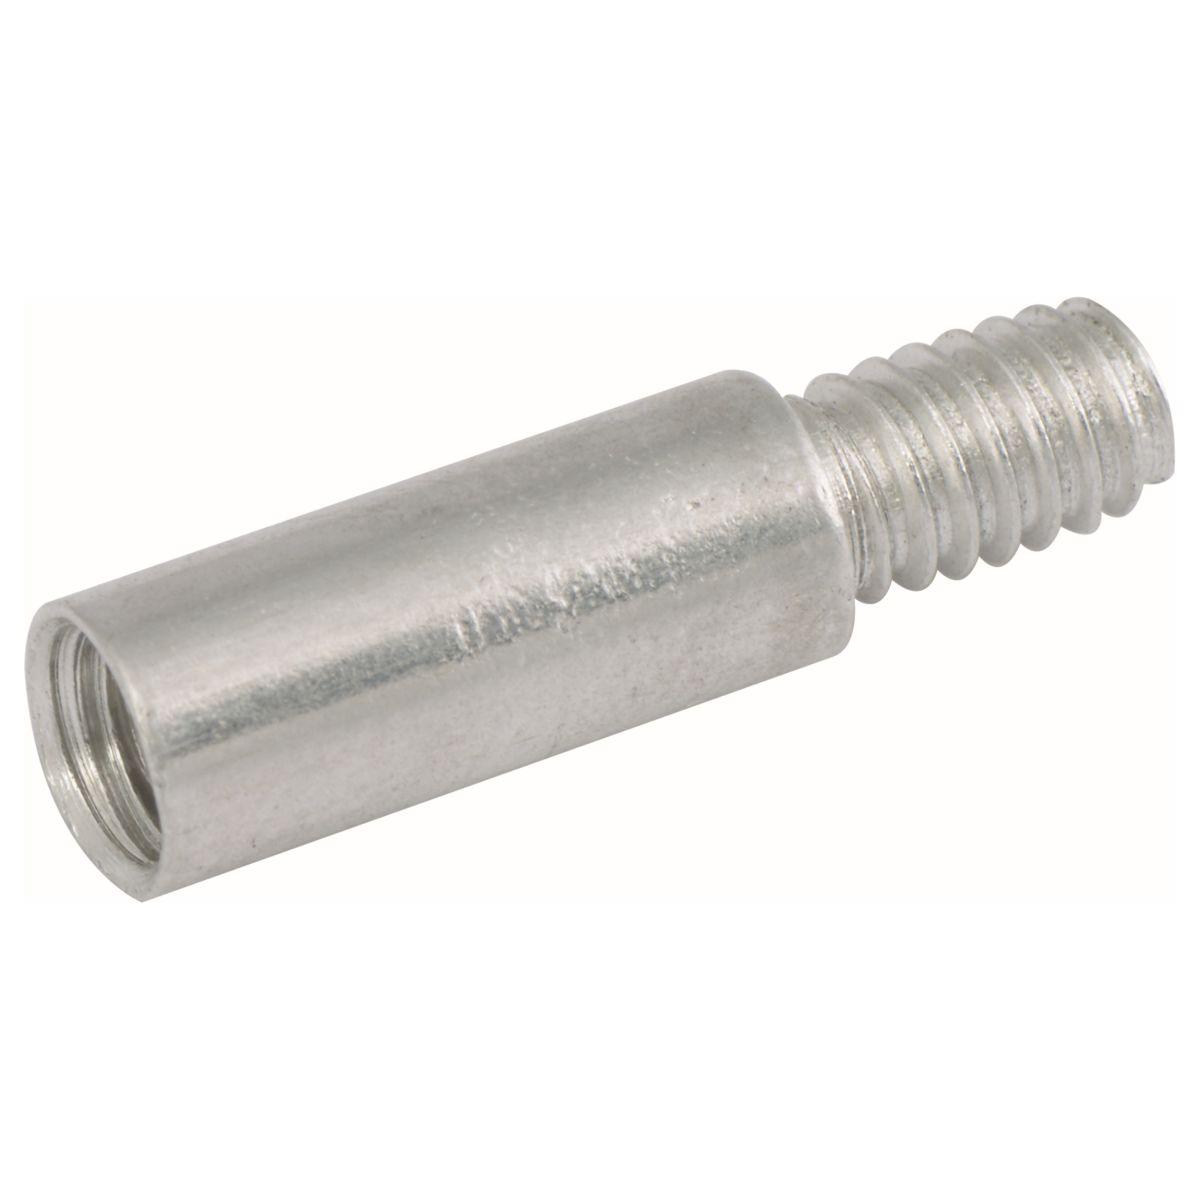 """.203"""" x 1"""" Aluminum Screw Post Extension, 25/PKG"""